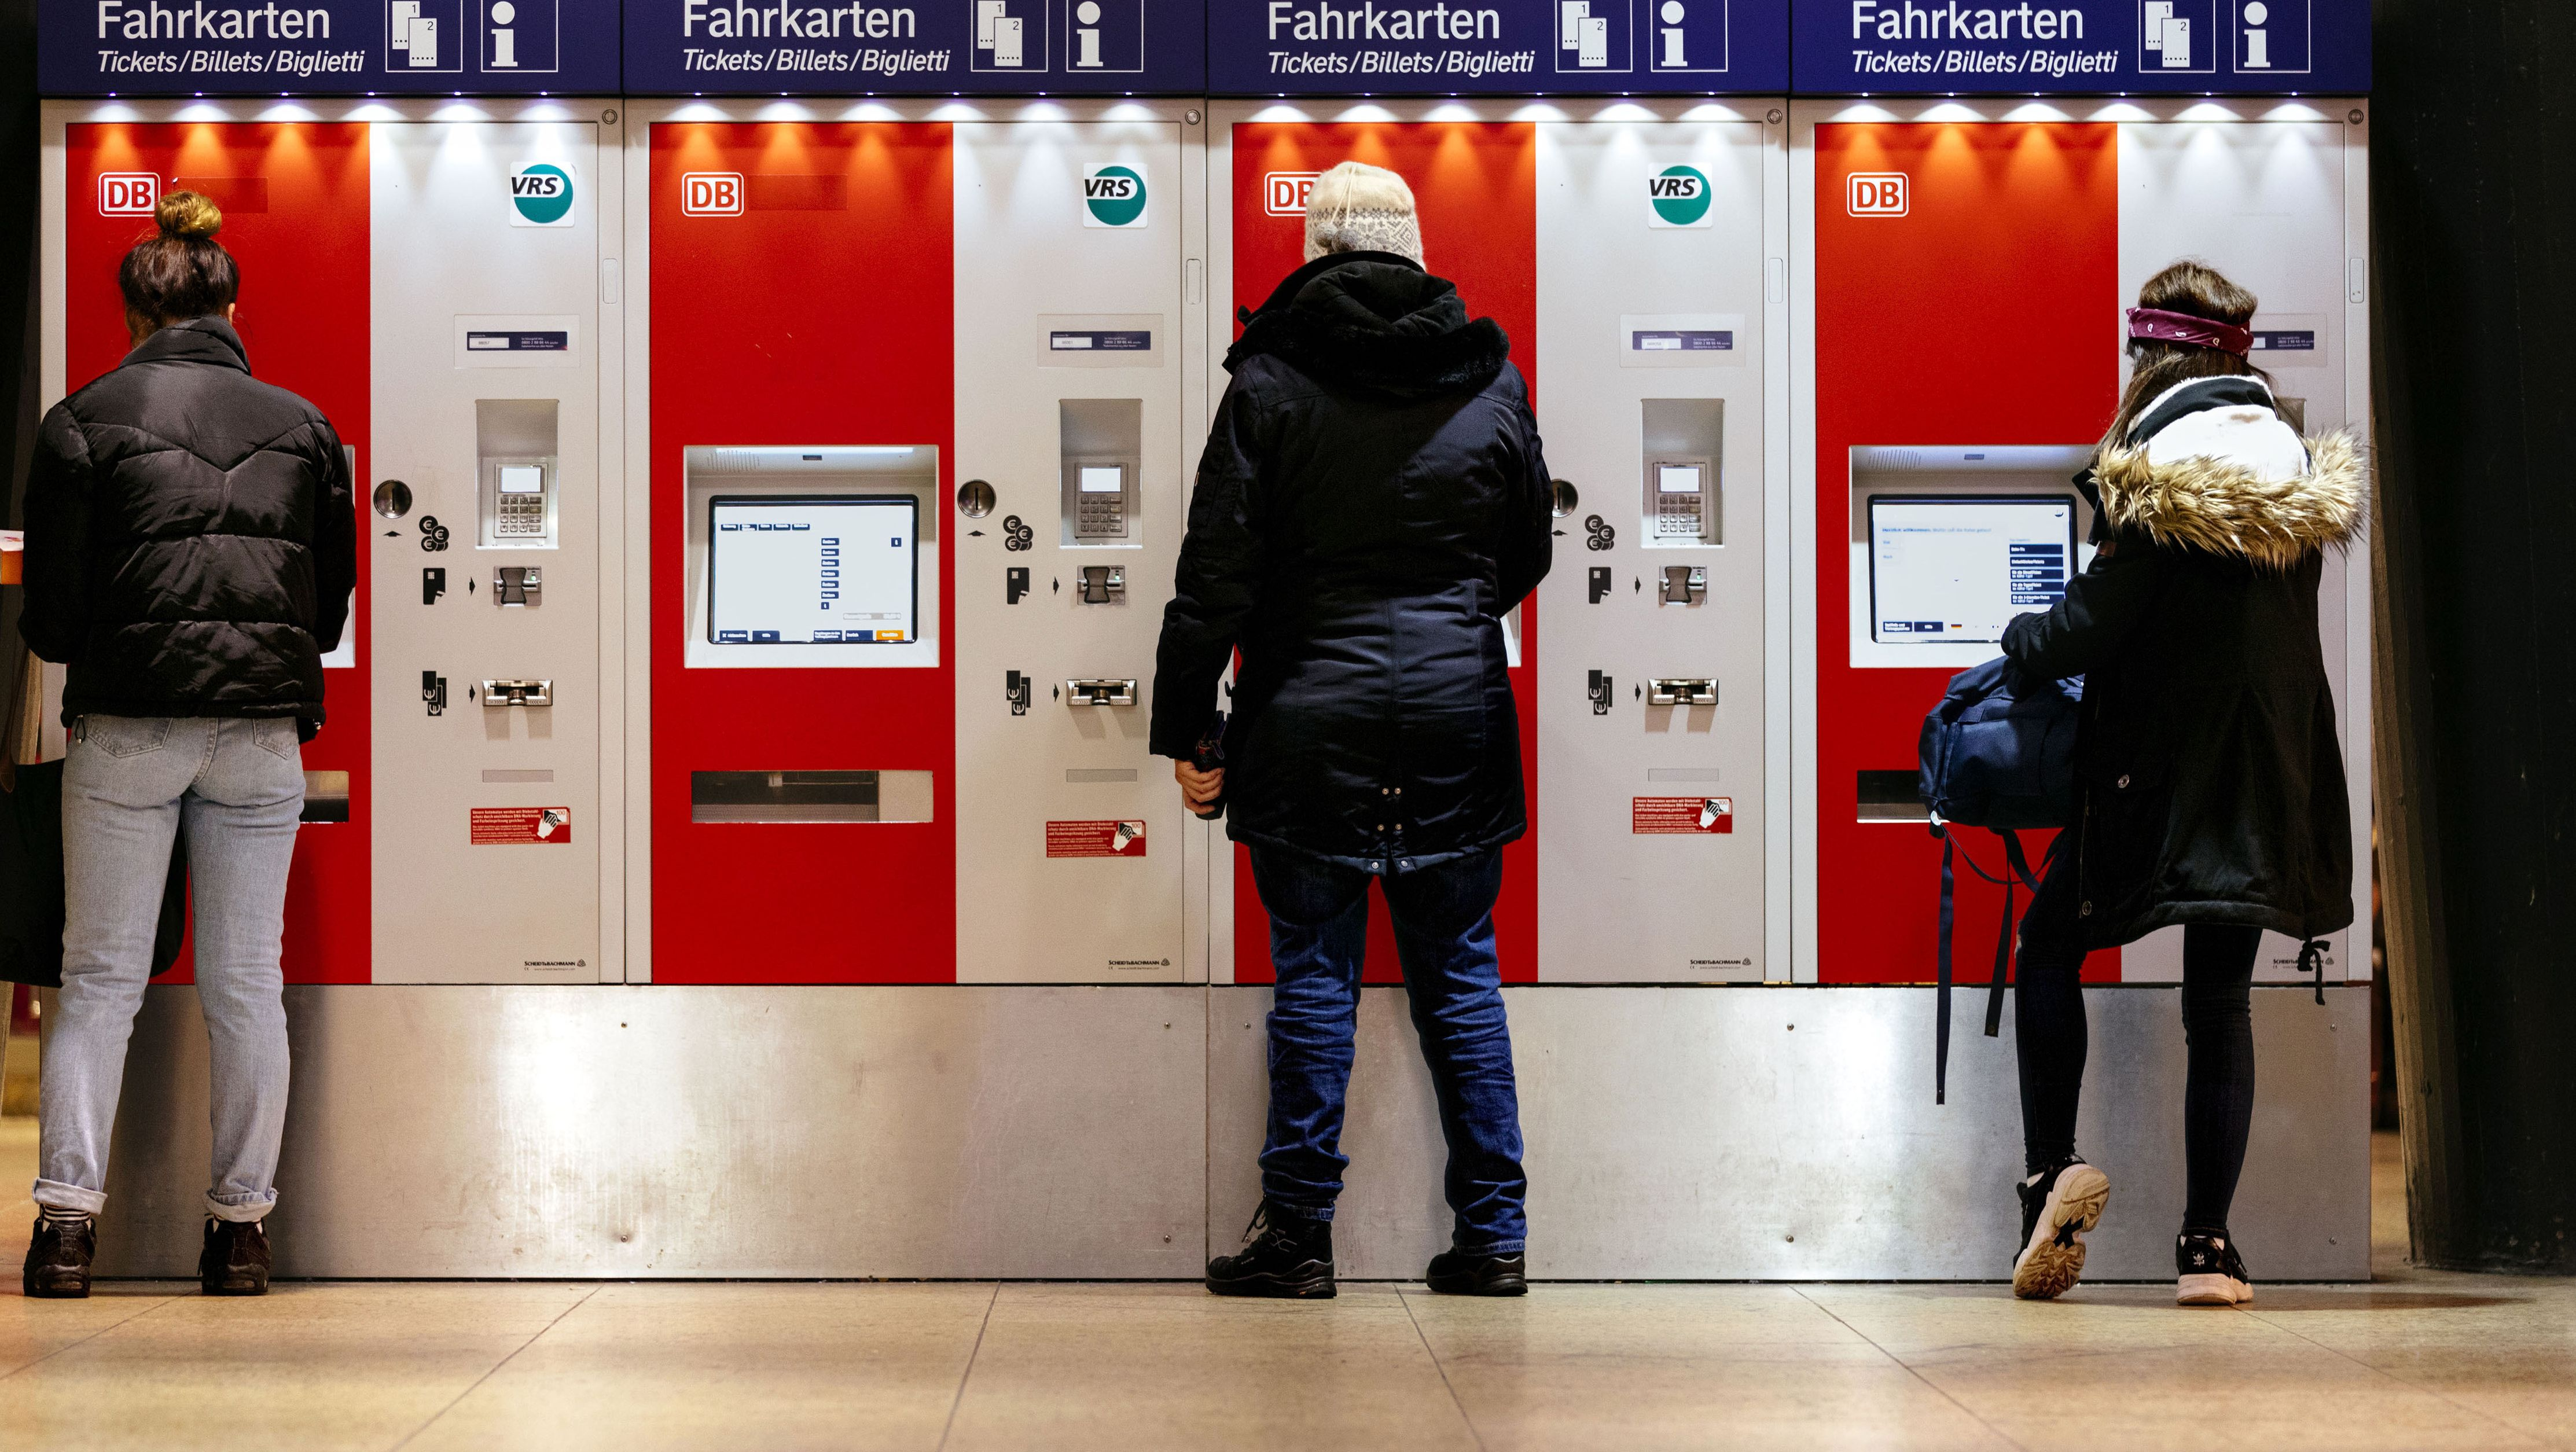 Menschen am Ticketautomaten der Deutschen Bahn